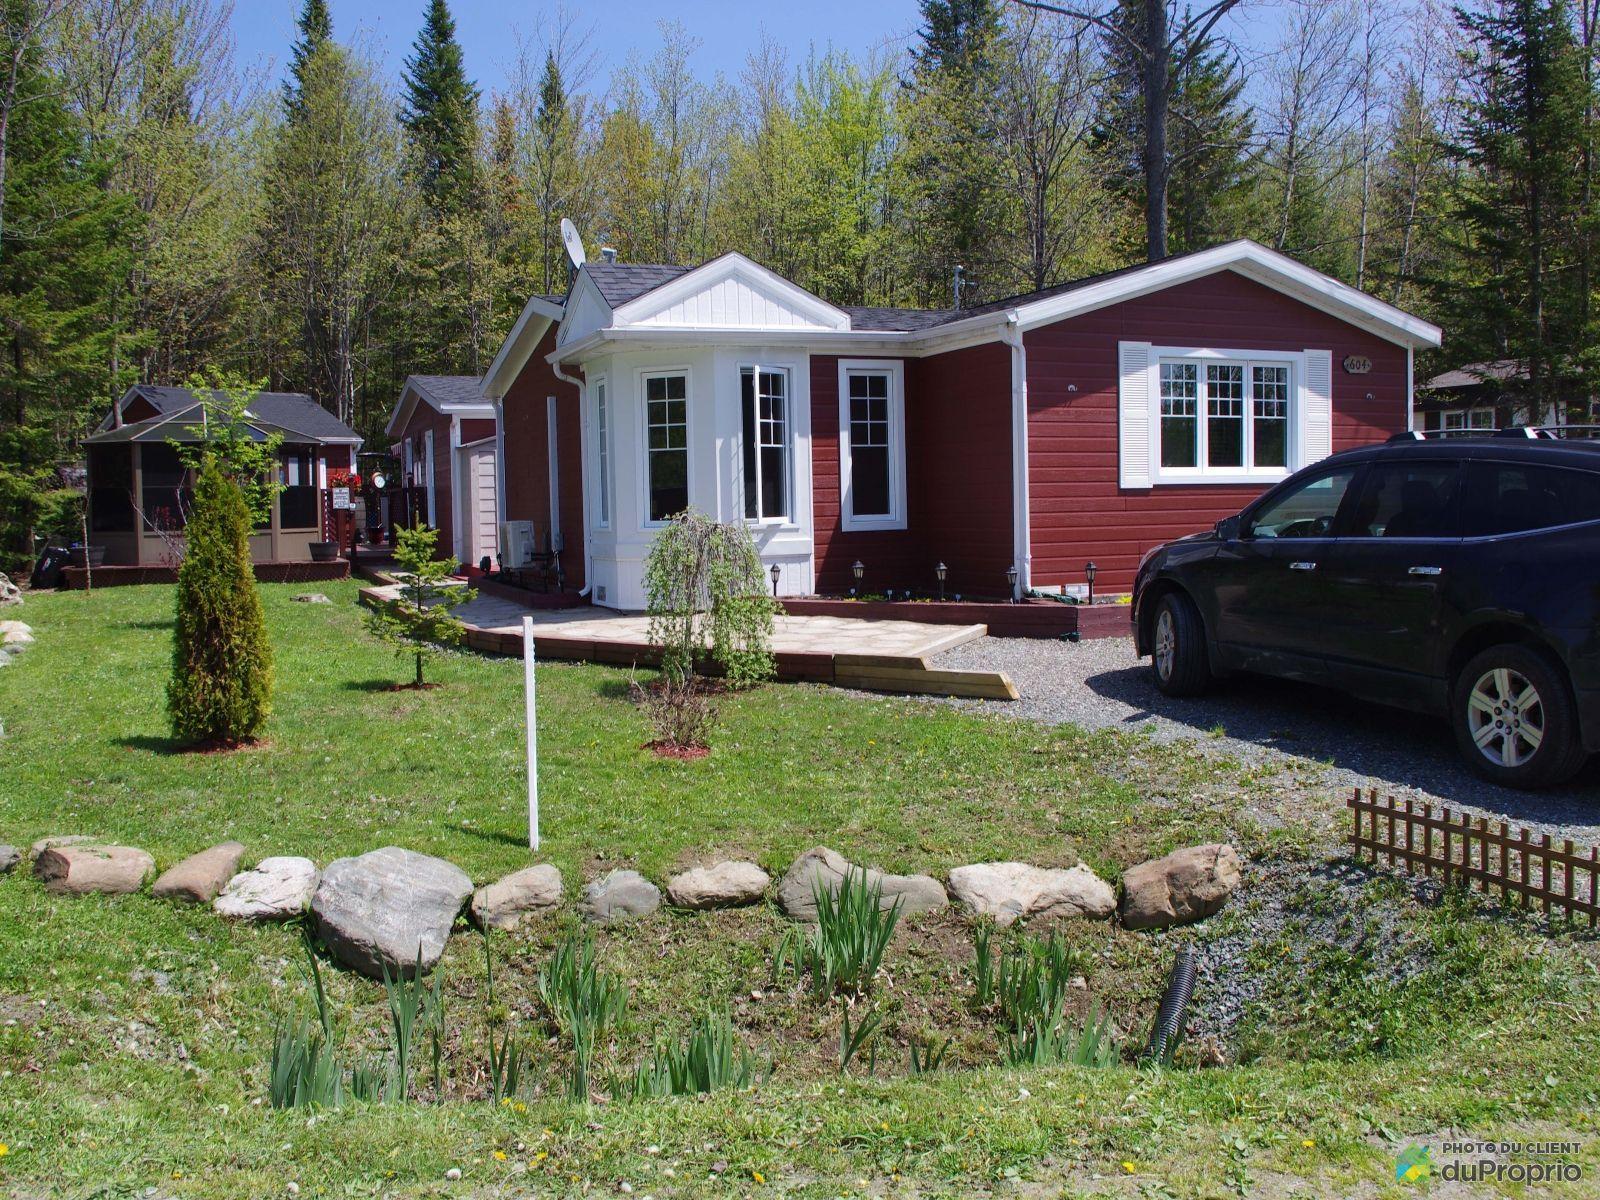 Maison mobile vendre domaine parc estrie for Fabricant maison mobile